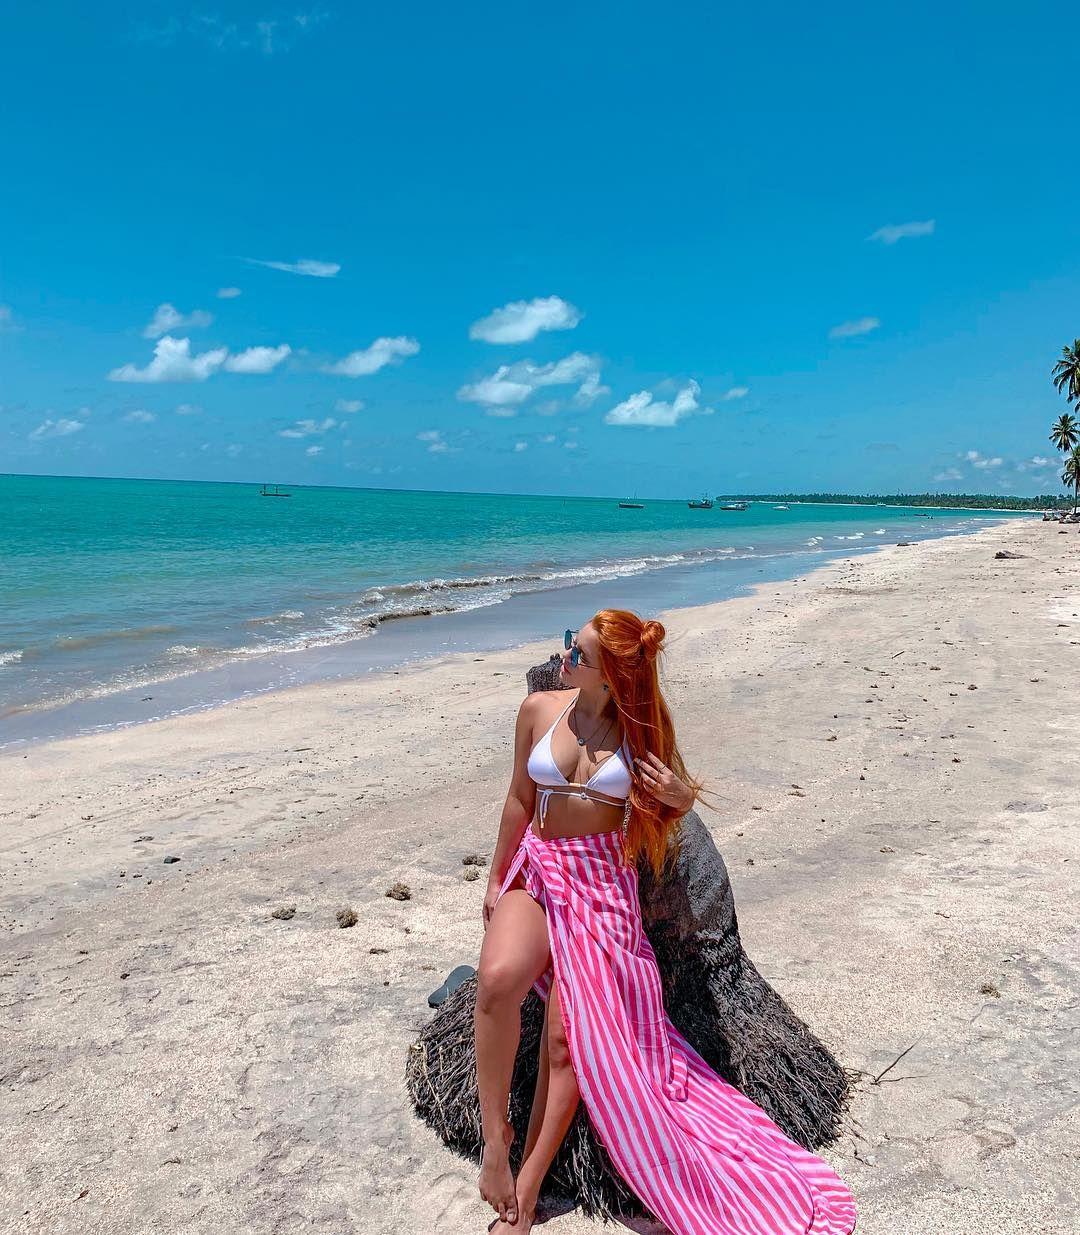 A Imagem Pode Conter Uma Ou Mais Pessoas Oceano Praia Ceu